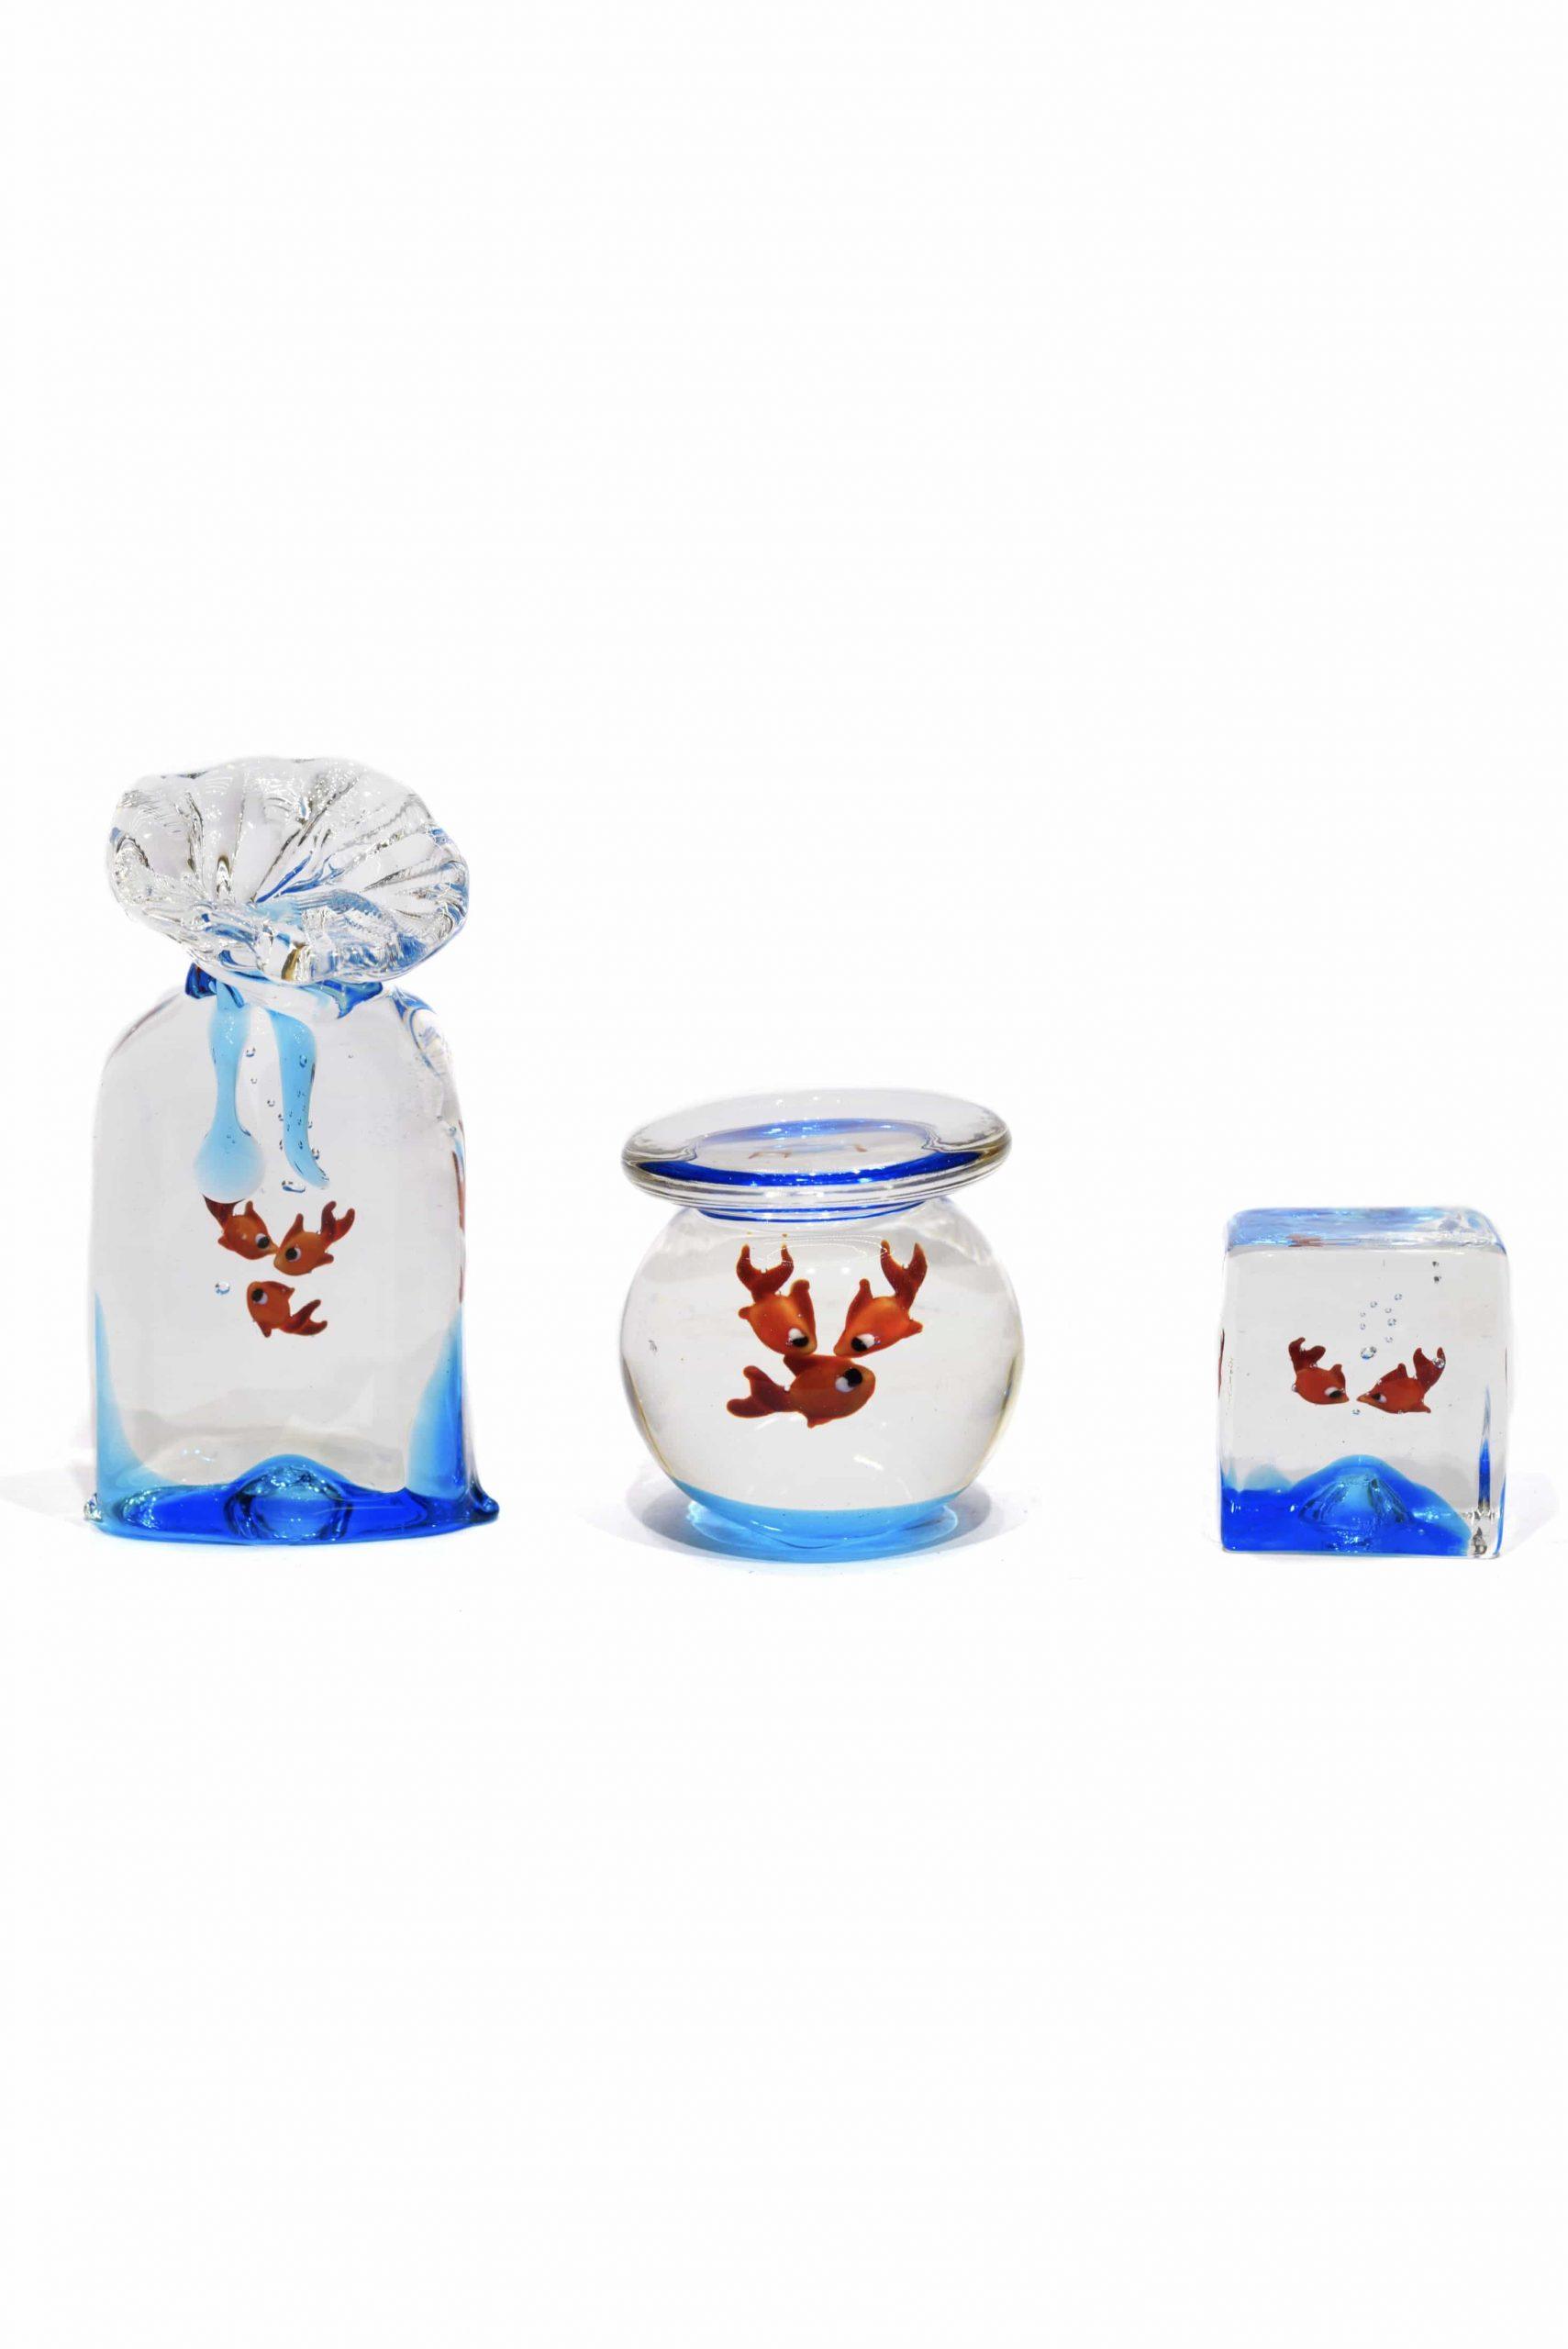 acquario in vetro realizzati a Murano